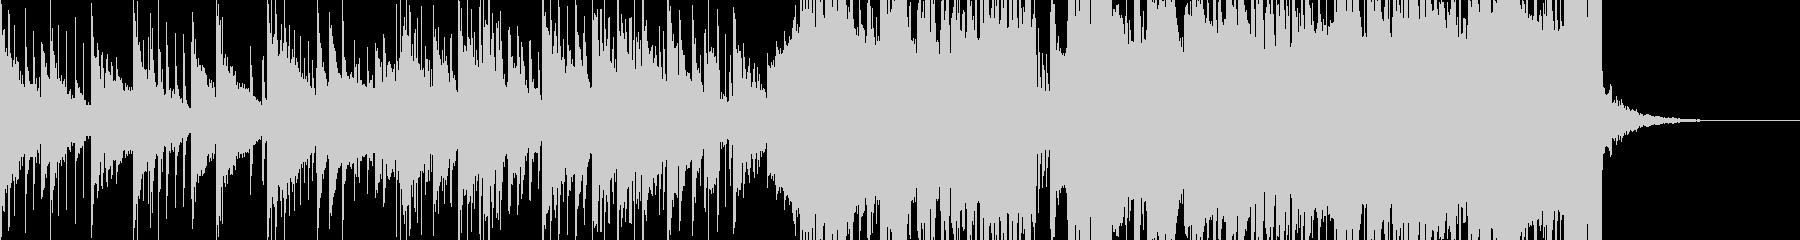 エモーショナルな展開のCMに合う曲の未再生の波形